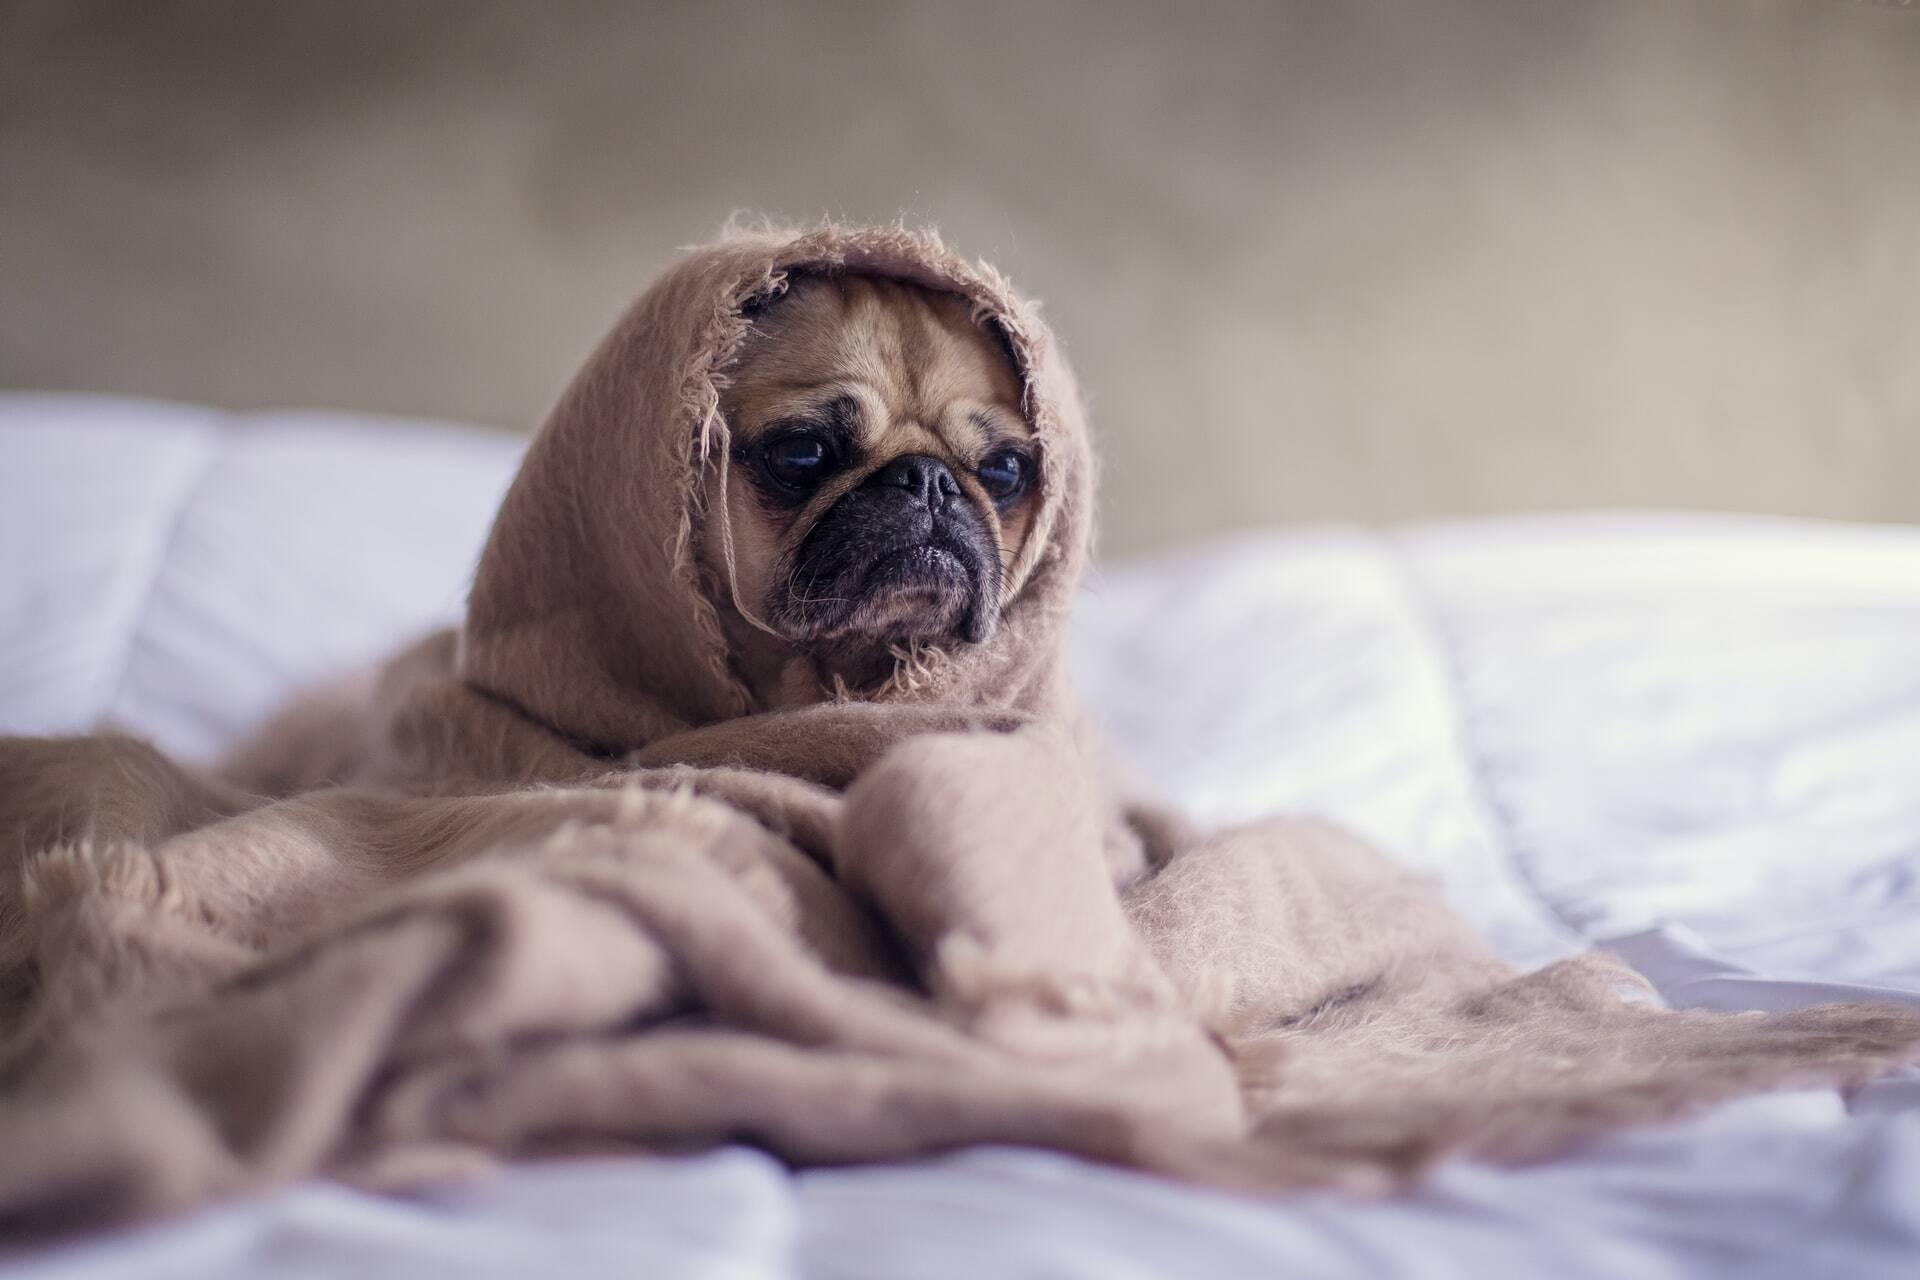 7 dicas para acalmar seu pet em situações estressantes